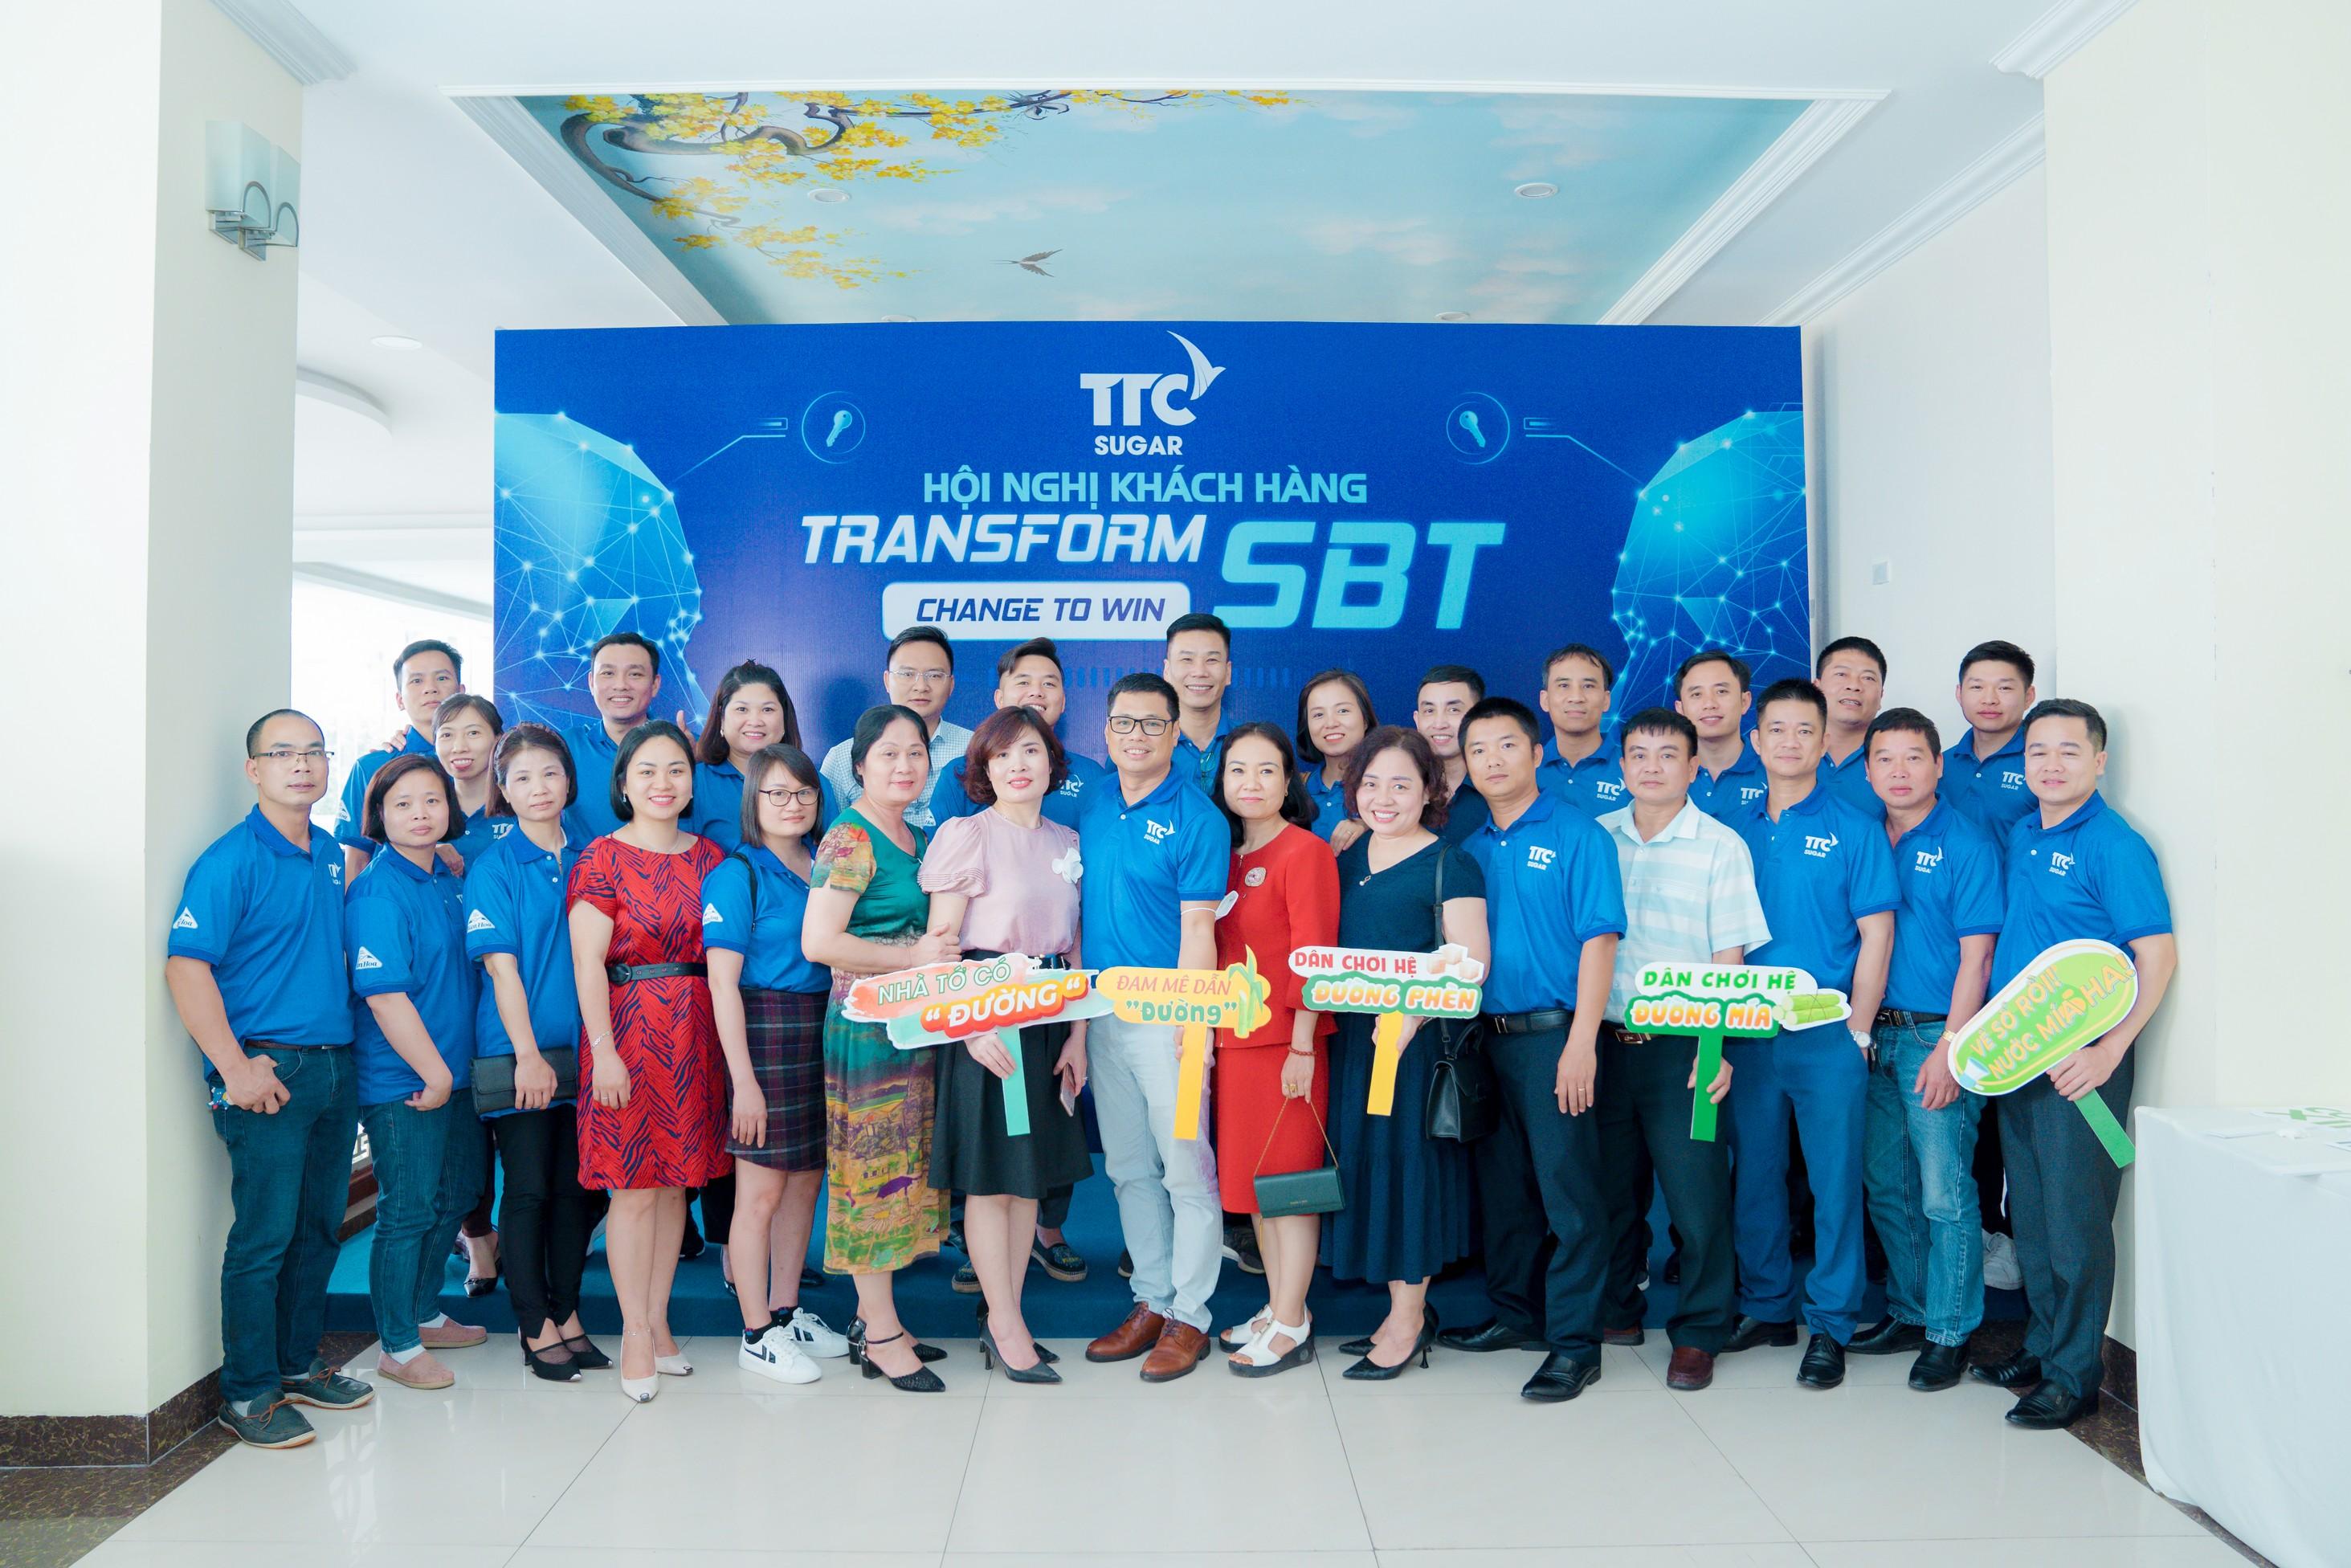 Hội nghị khách hàng TTC